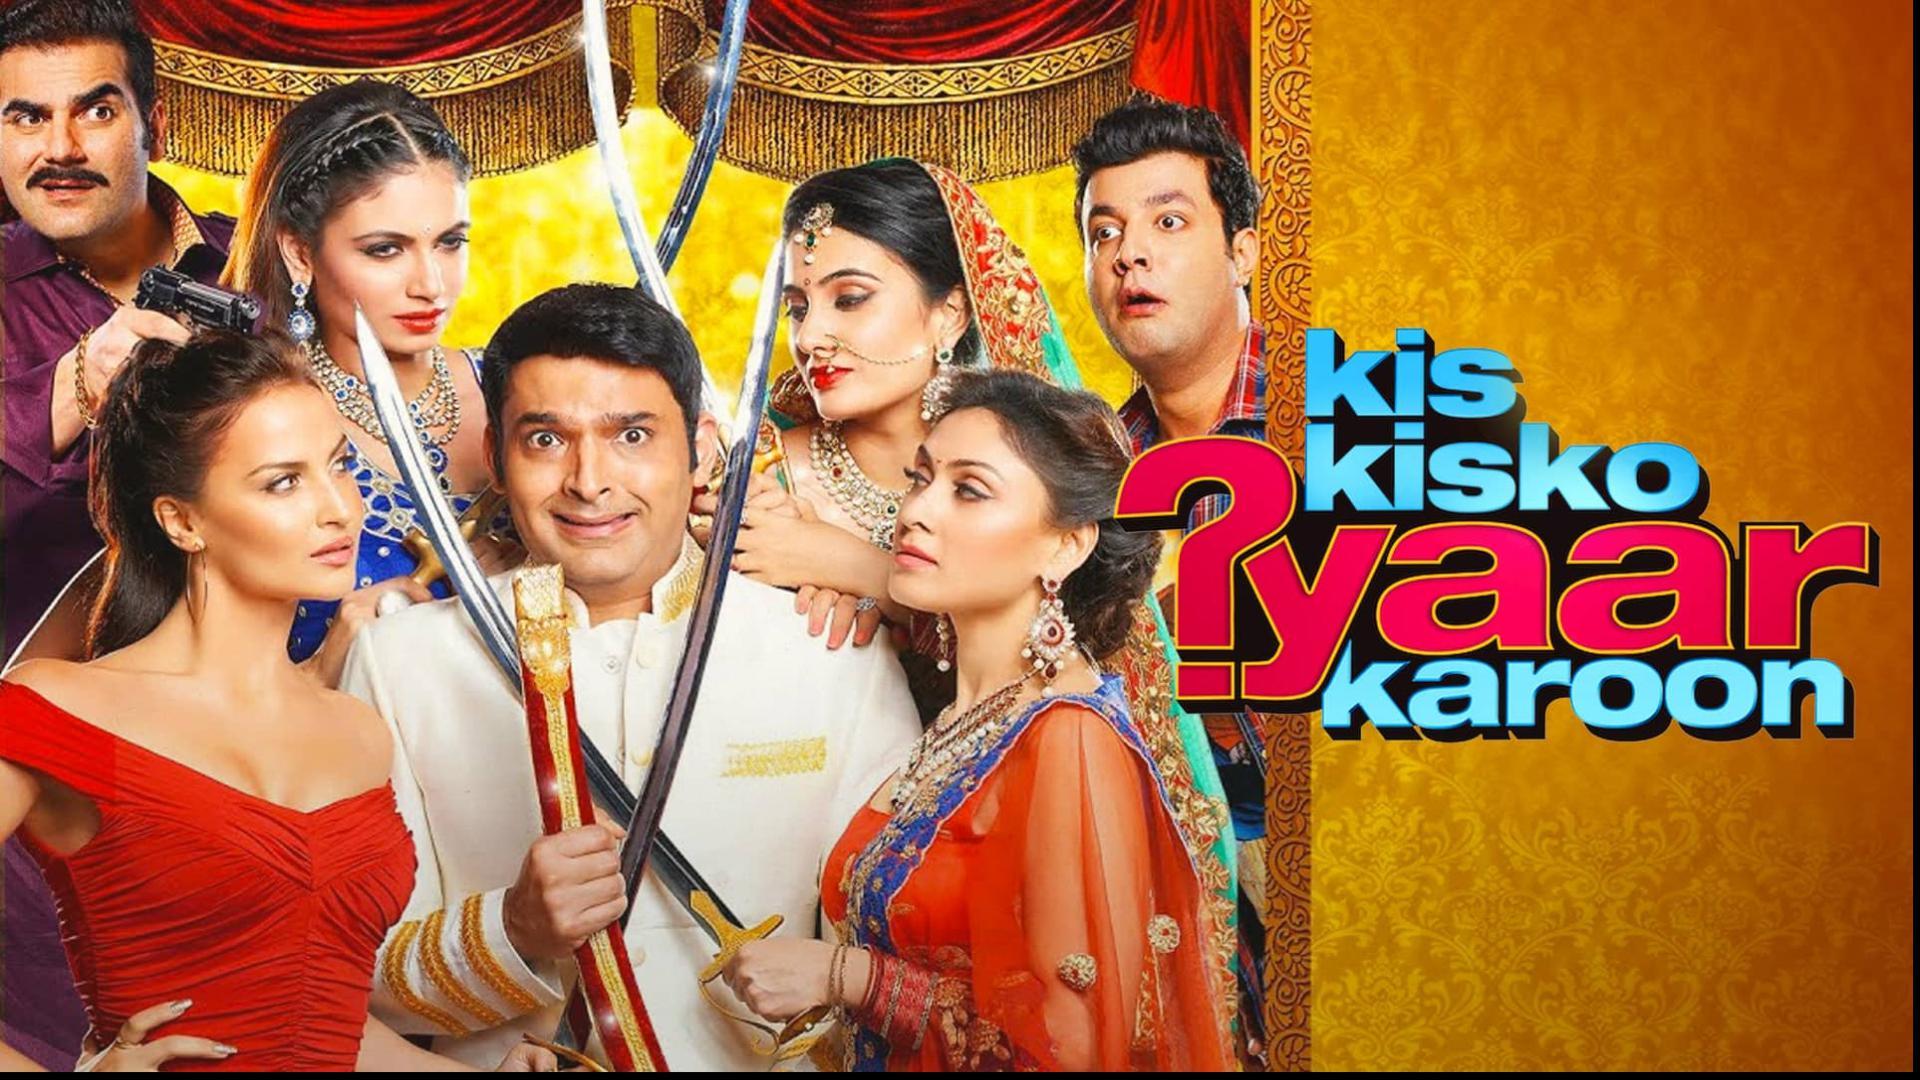 Kis Kisko Pyaar Karoon 2015 Full Movie: Watch Kis Kisko Pyaar Karoon Online  for Free